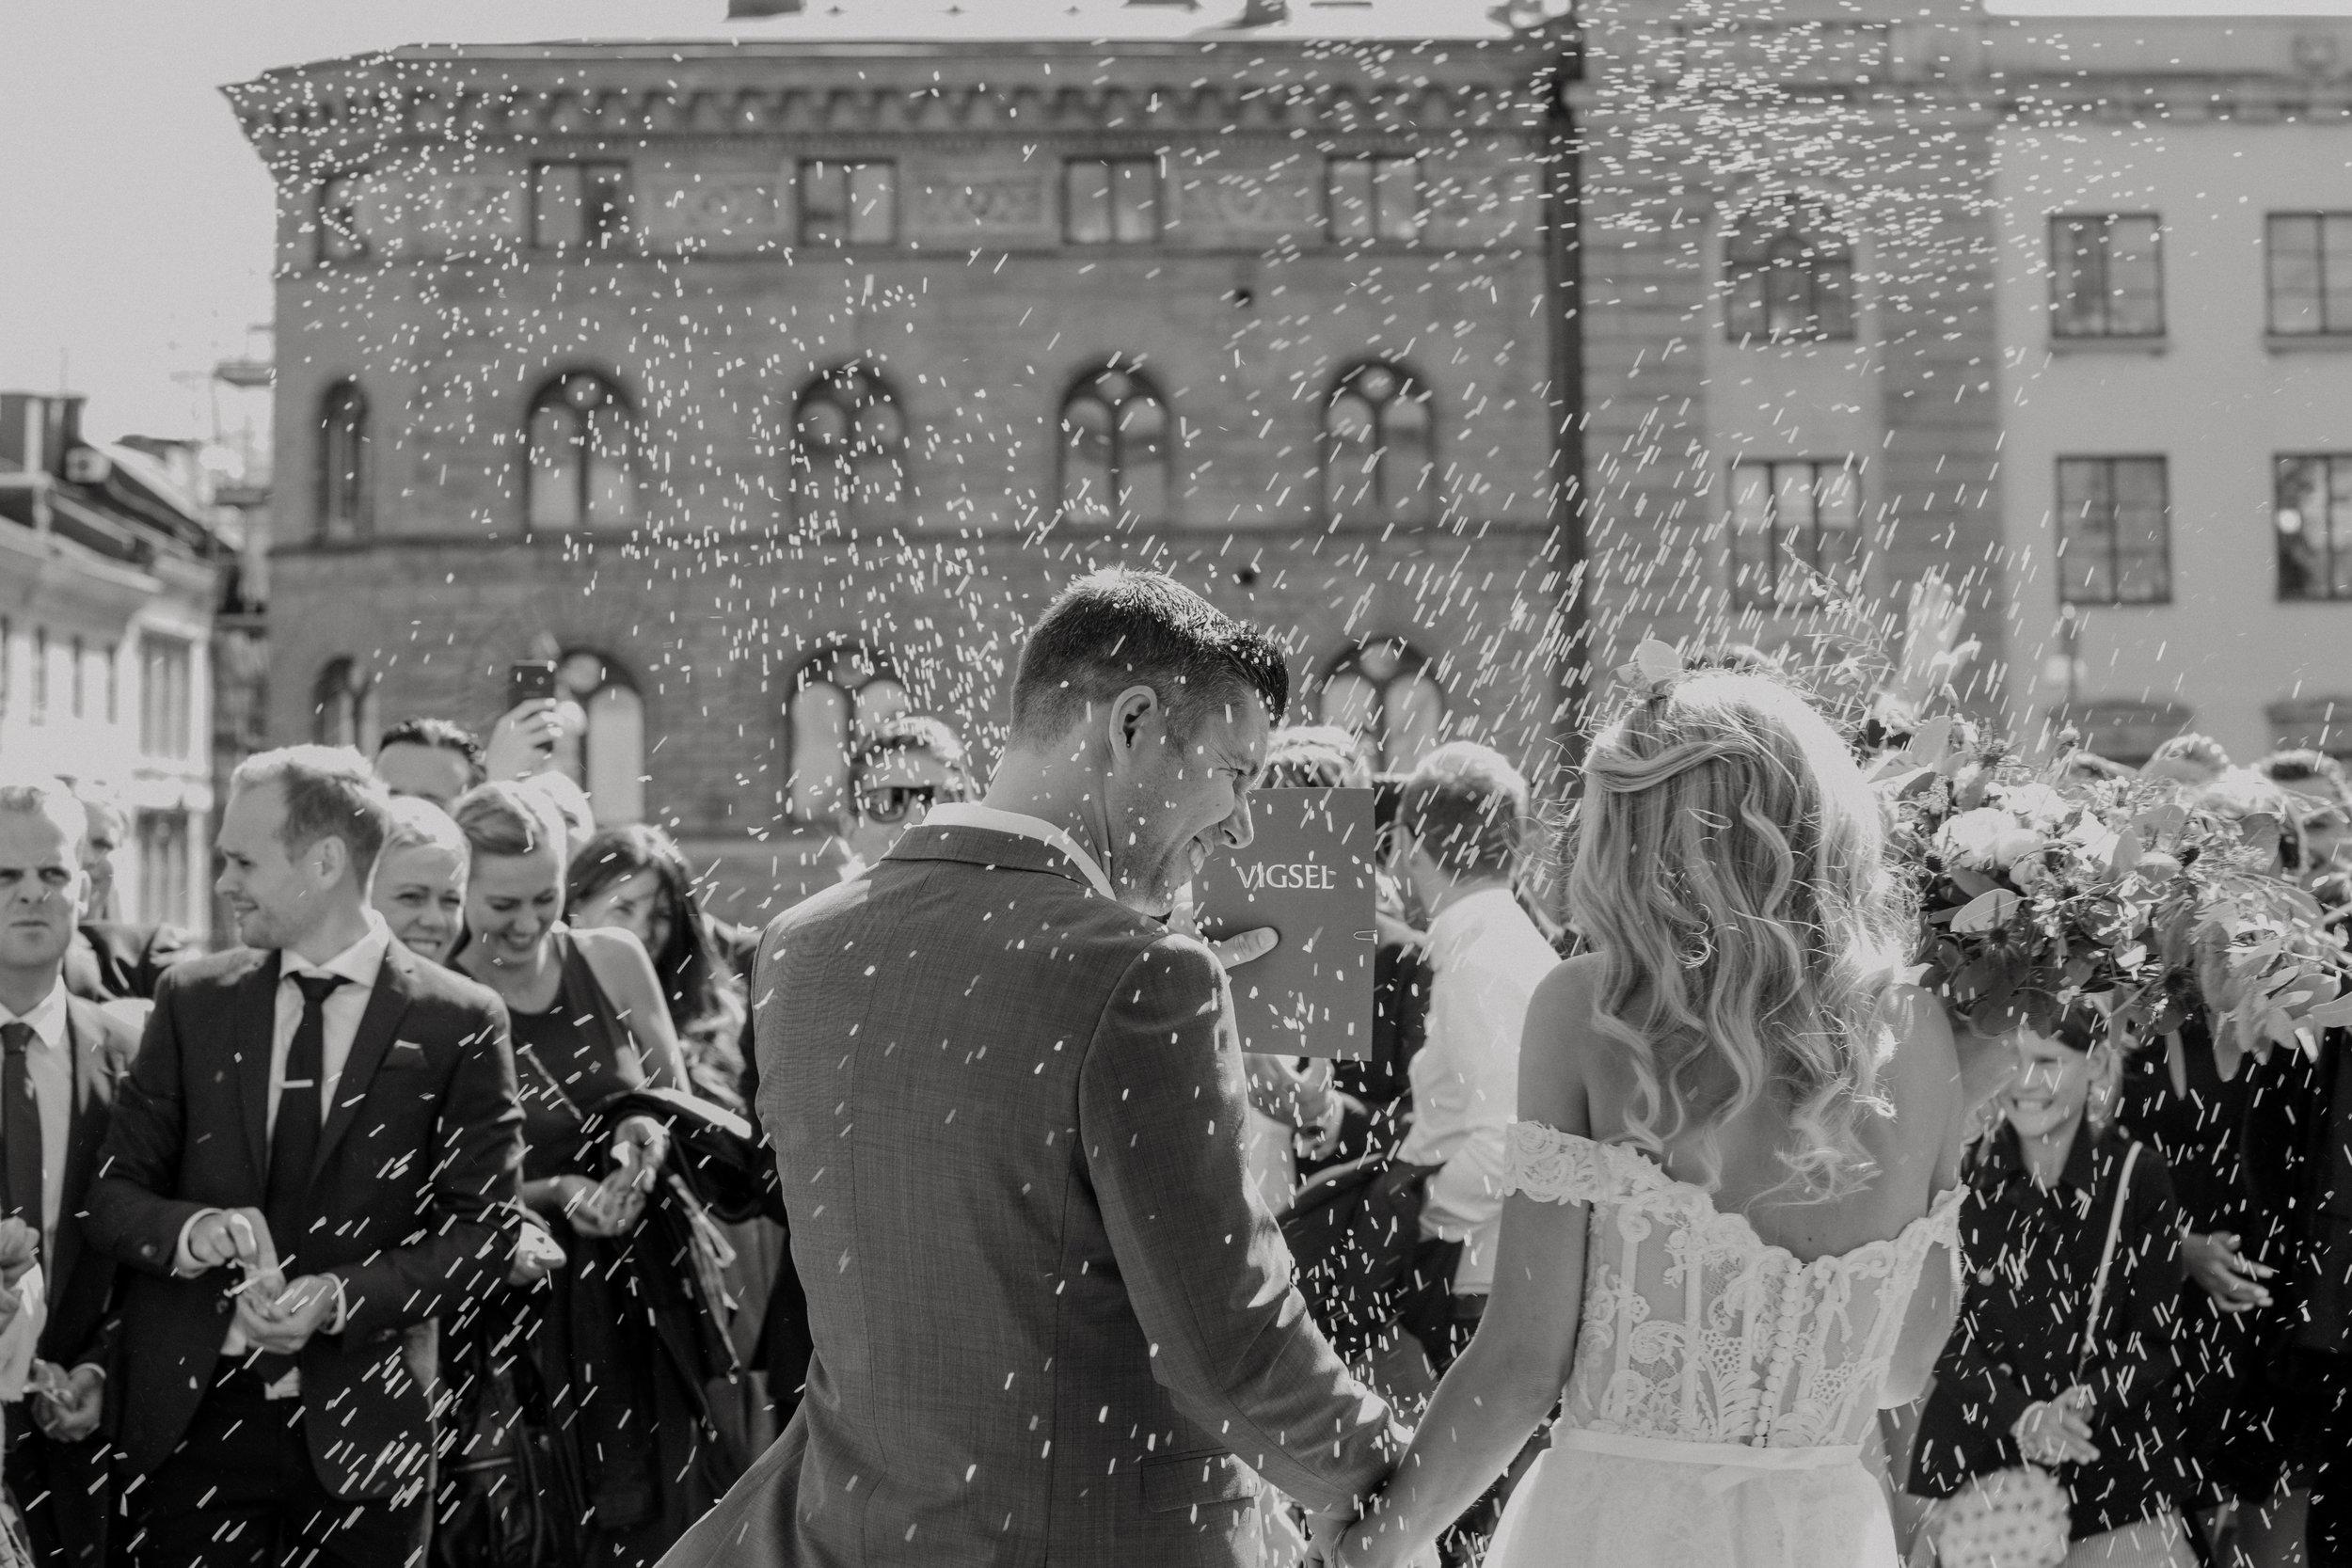 Fotograf Lisa Sköld_Nässjö_Jönköping_Eksjö_Småland_Familjefotograf_Bröllopsfotograf_fotograf i nässjö_familjefotograf i nässjö_bröllopsfotograf i nässjö_fotograf i småland_familjefotograf i småland_bröllopsfotograf i småland